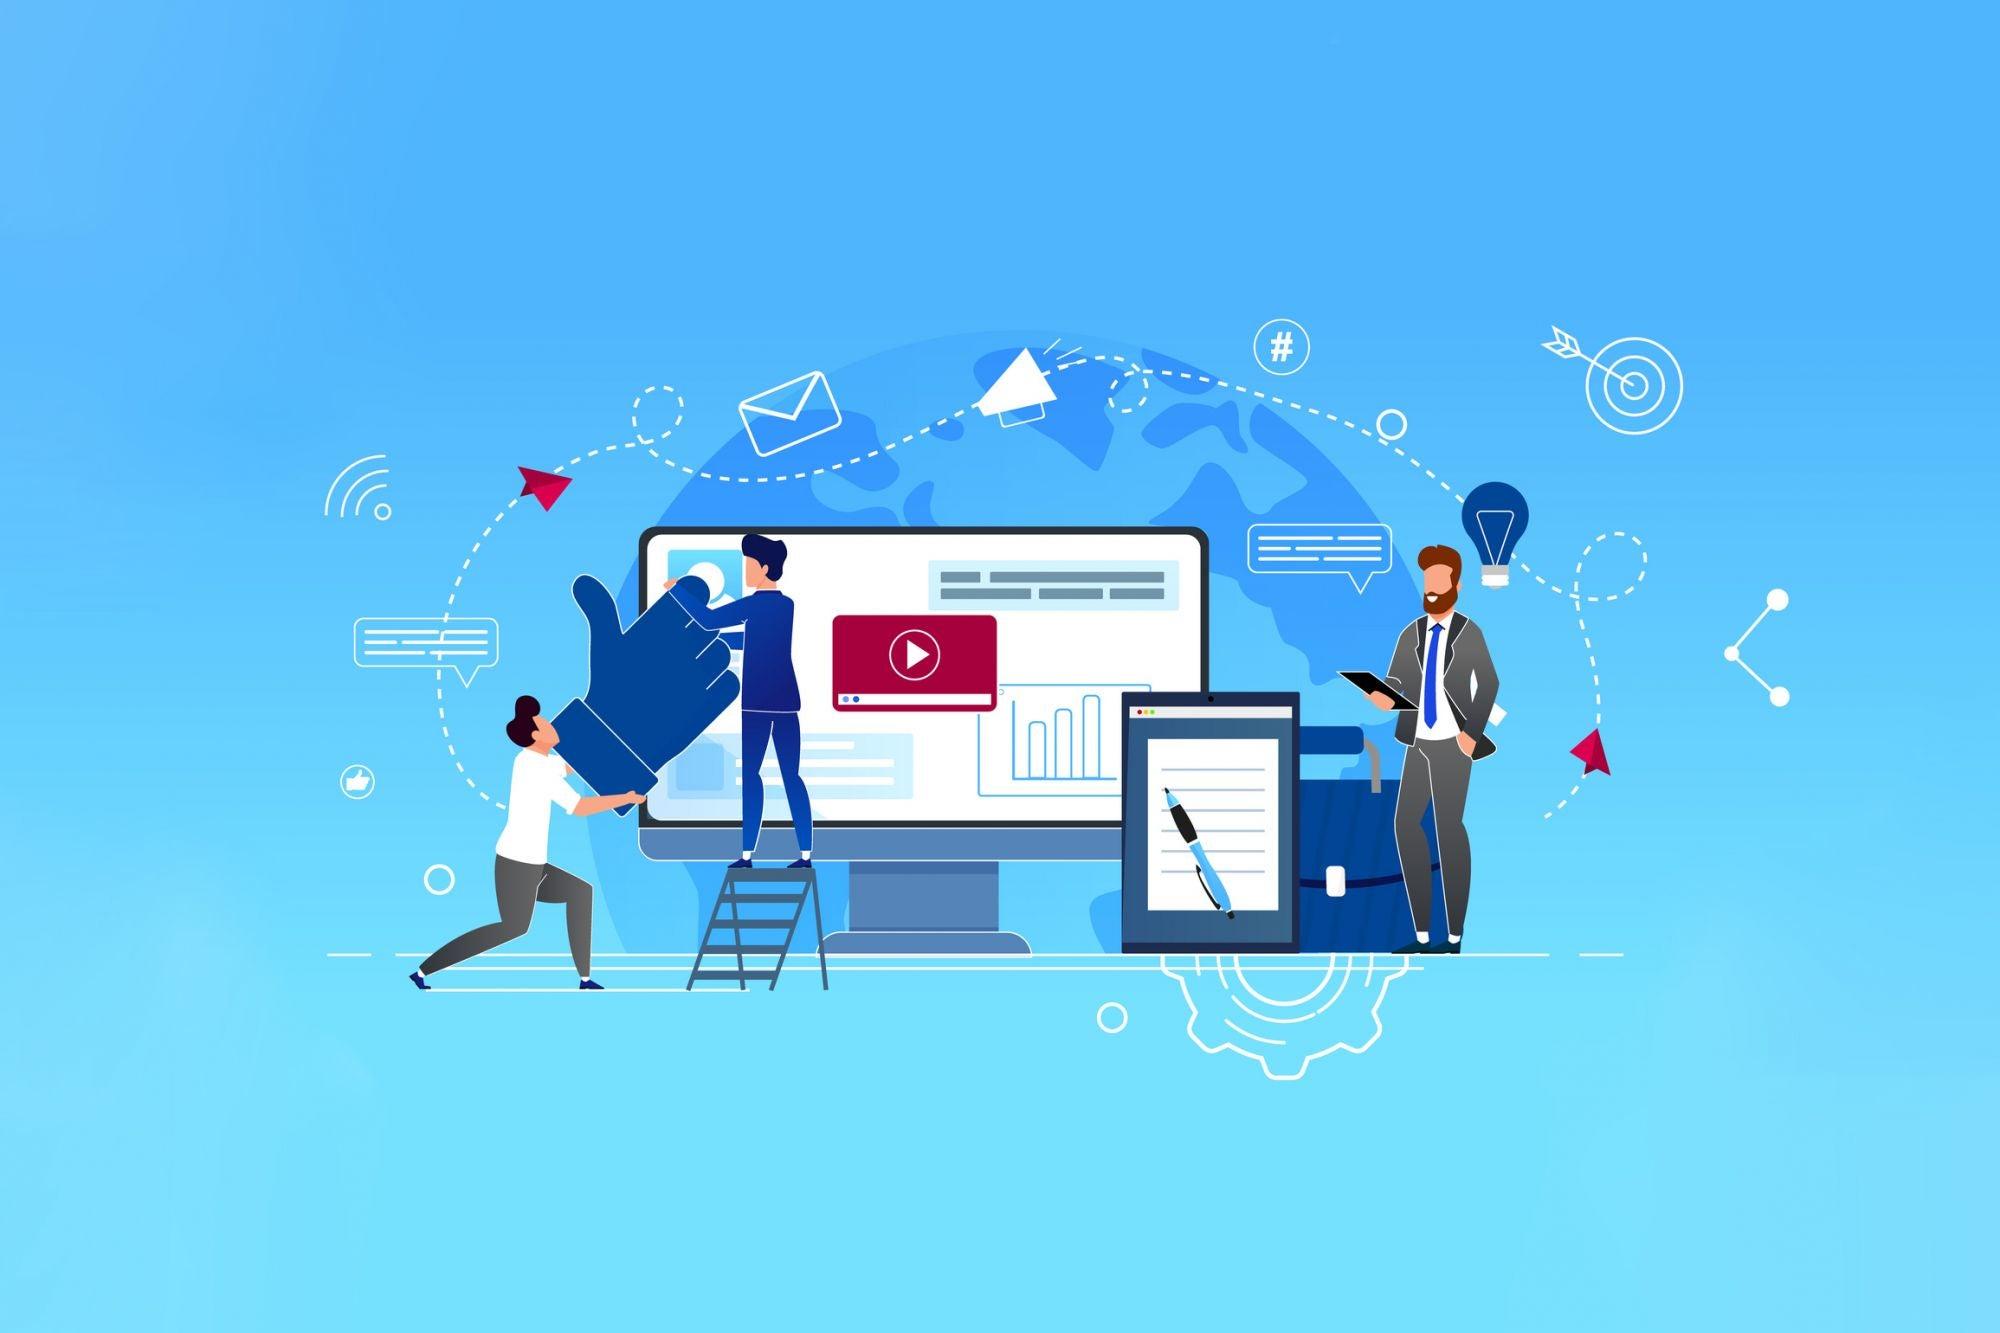 , 5 Ways Brands Can Reinvent Their Digital Marketing Strategy, Saubio Making Wealth